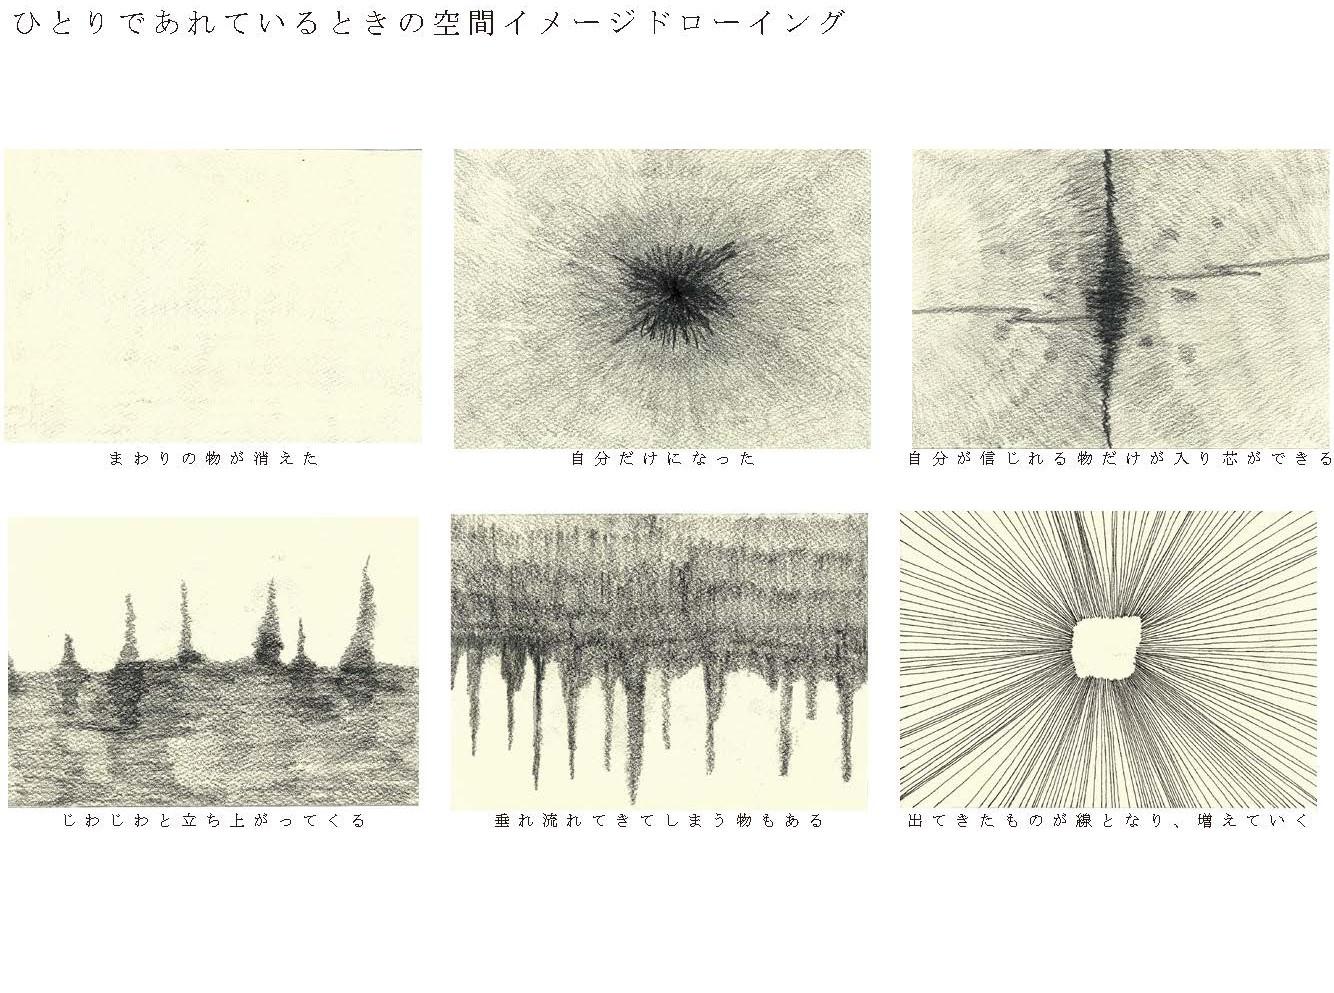 建築展WEB_ページ_04.jpg